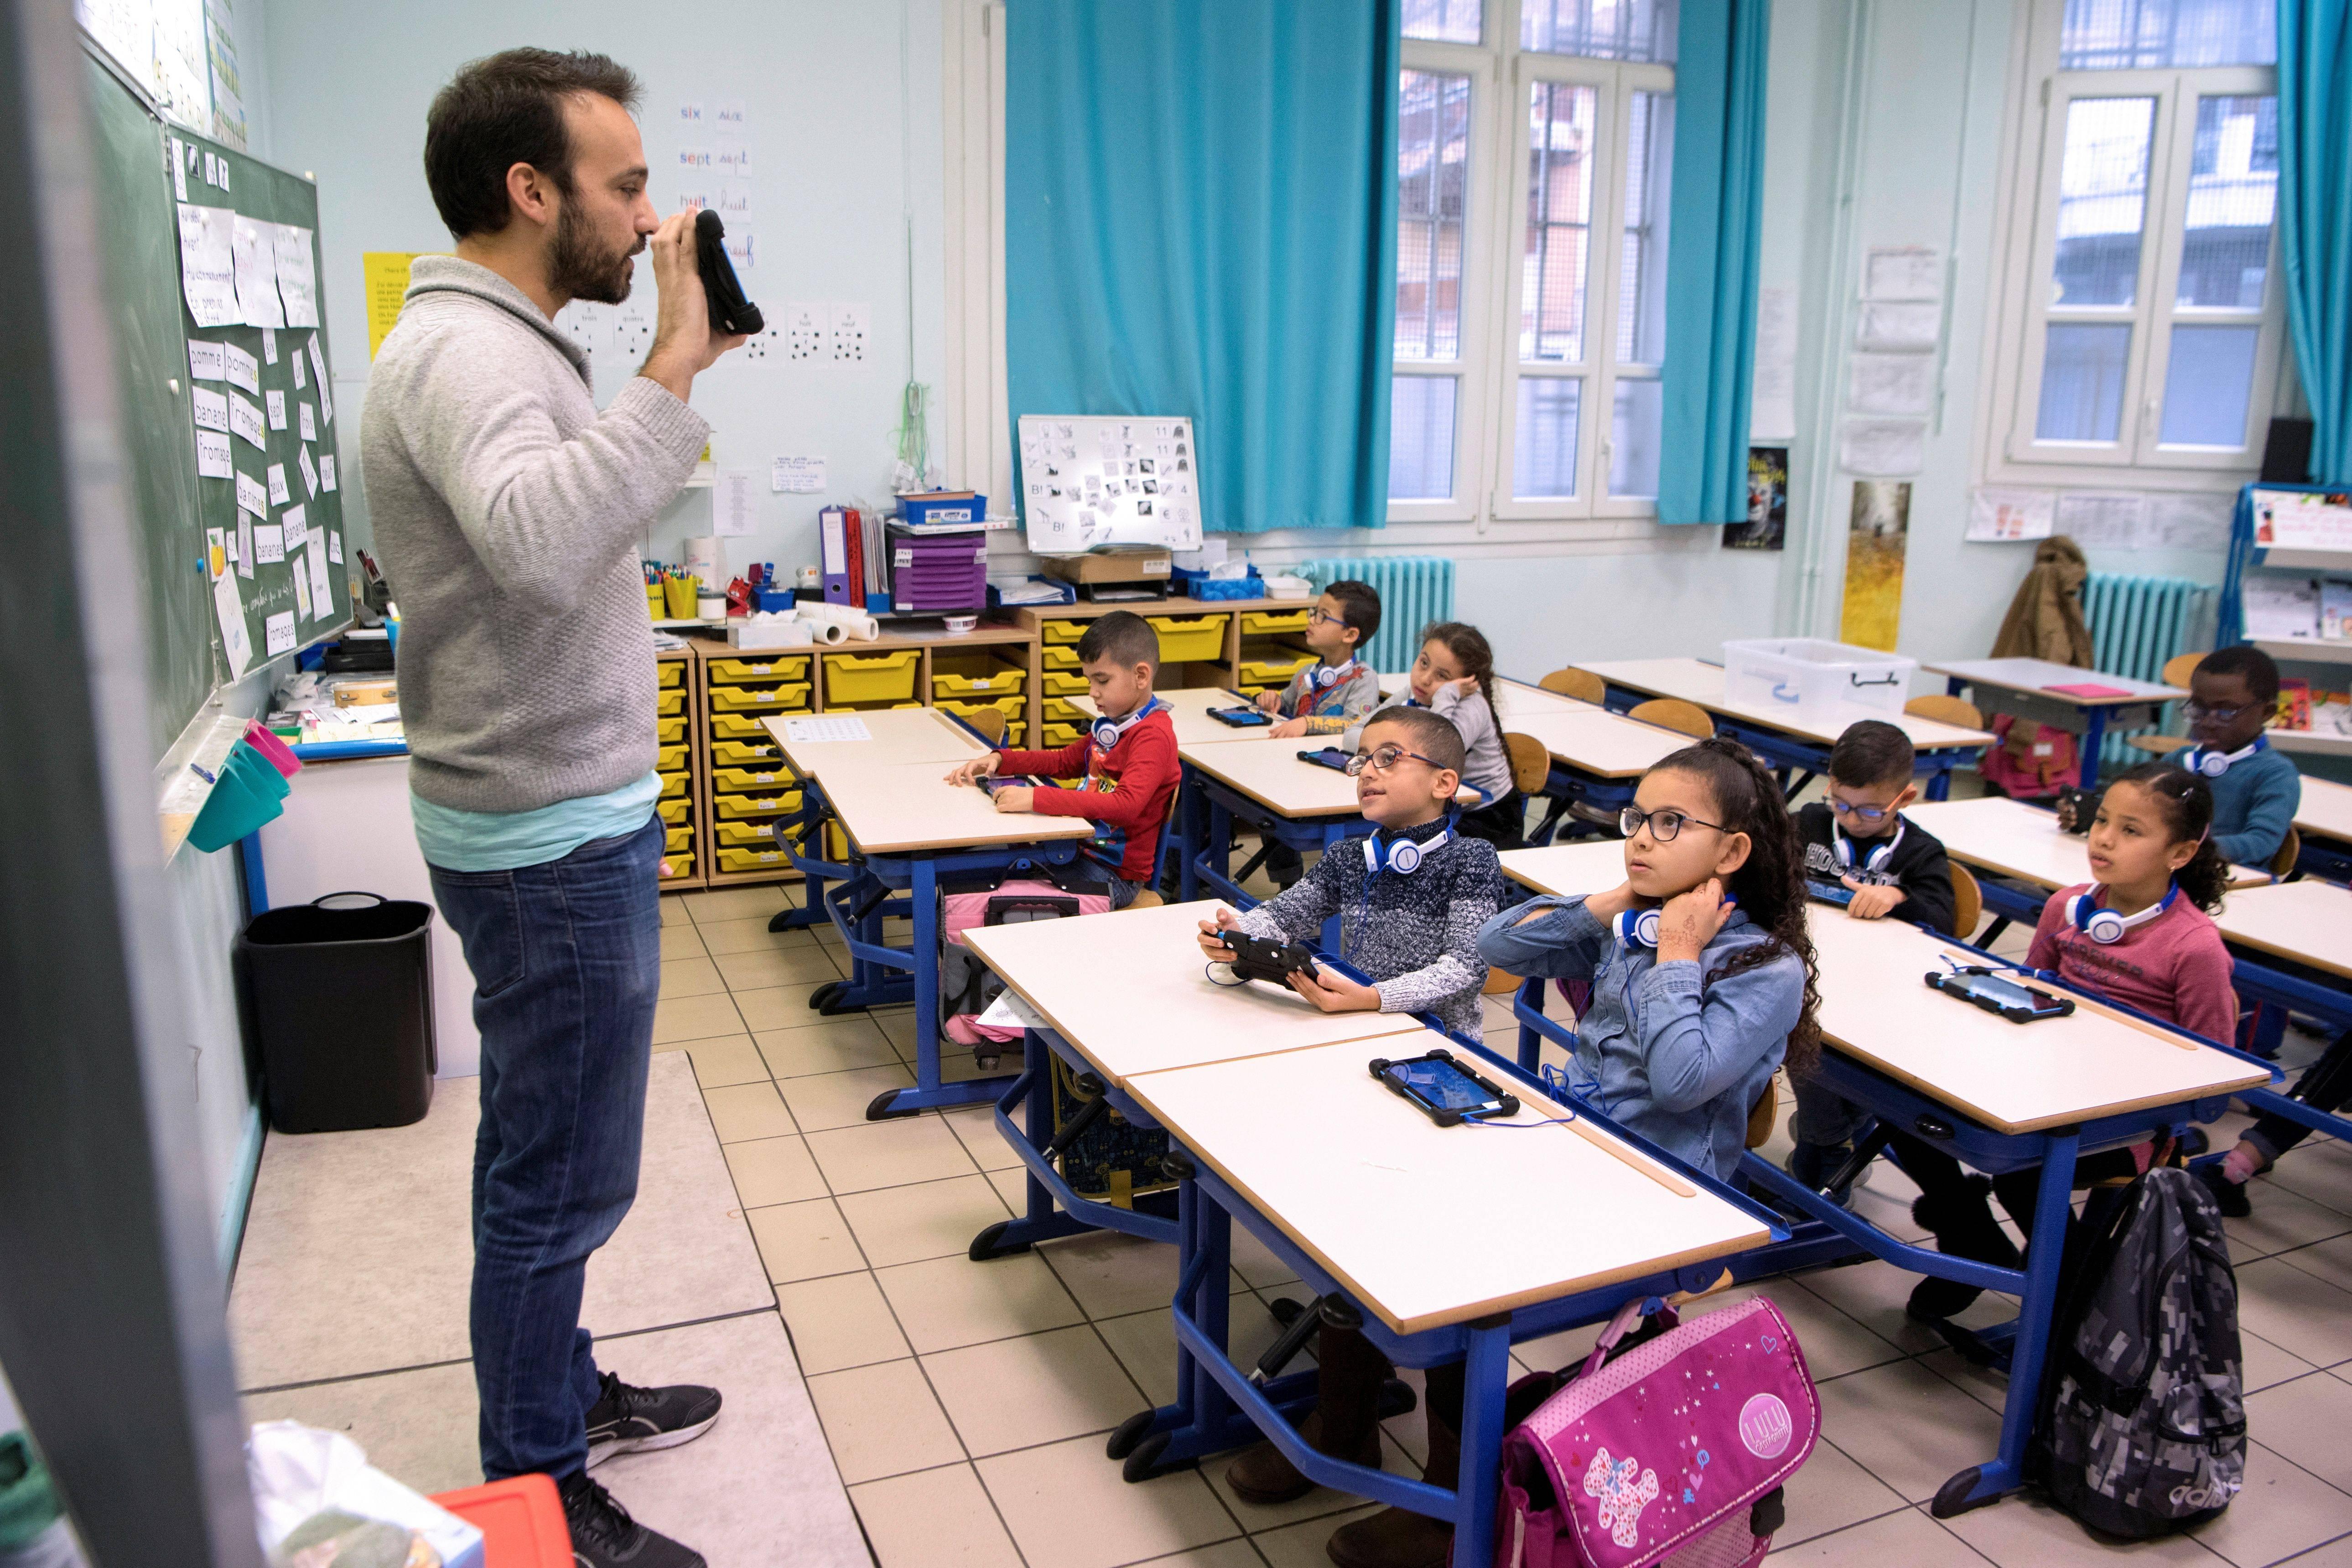 scuola italiana e ora di religione